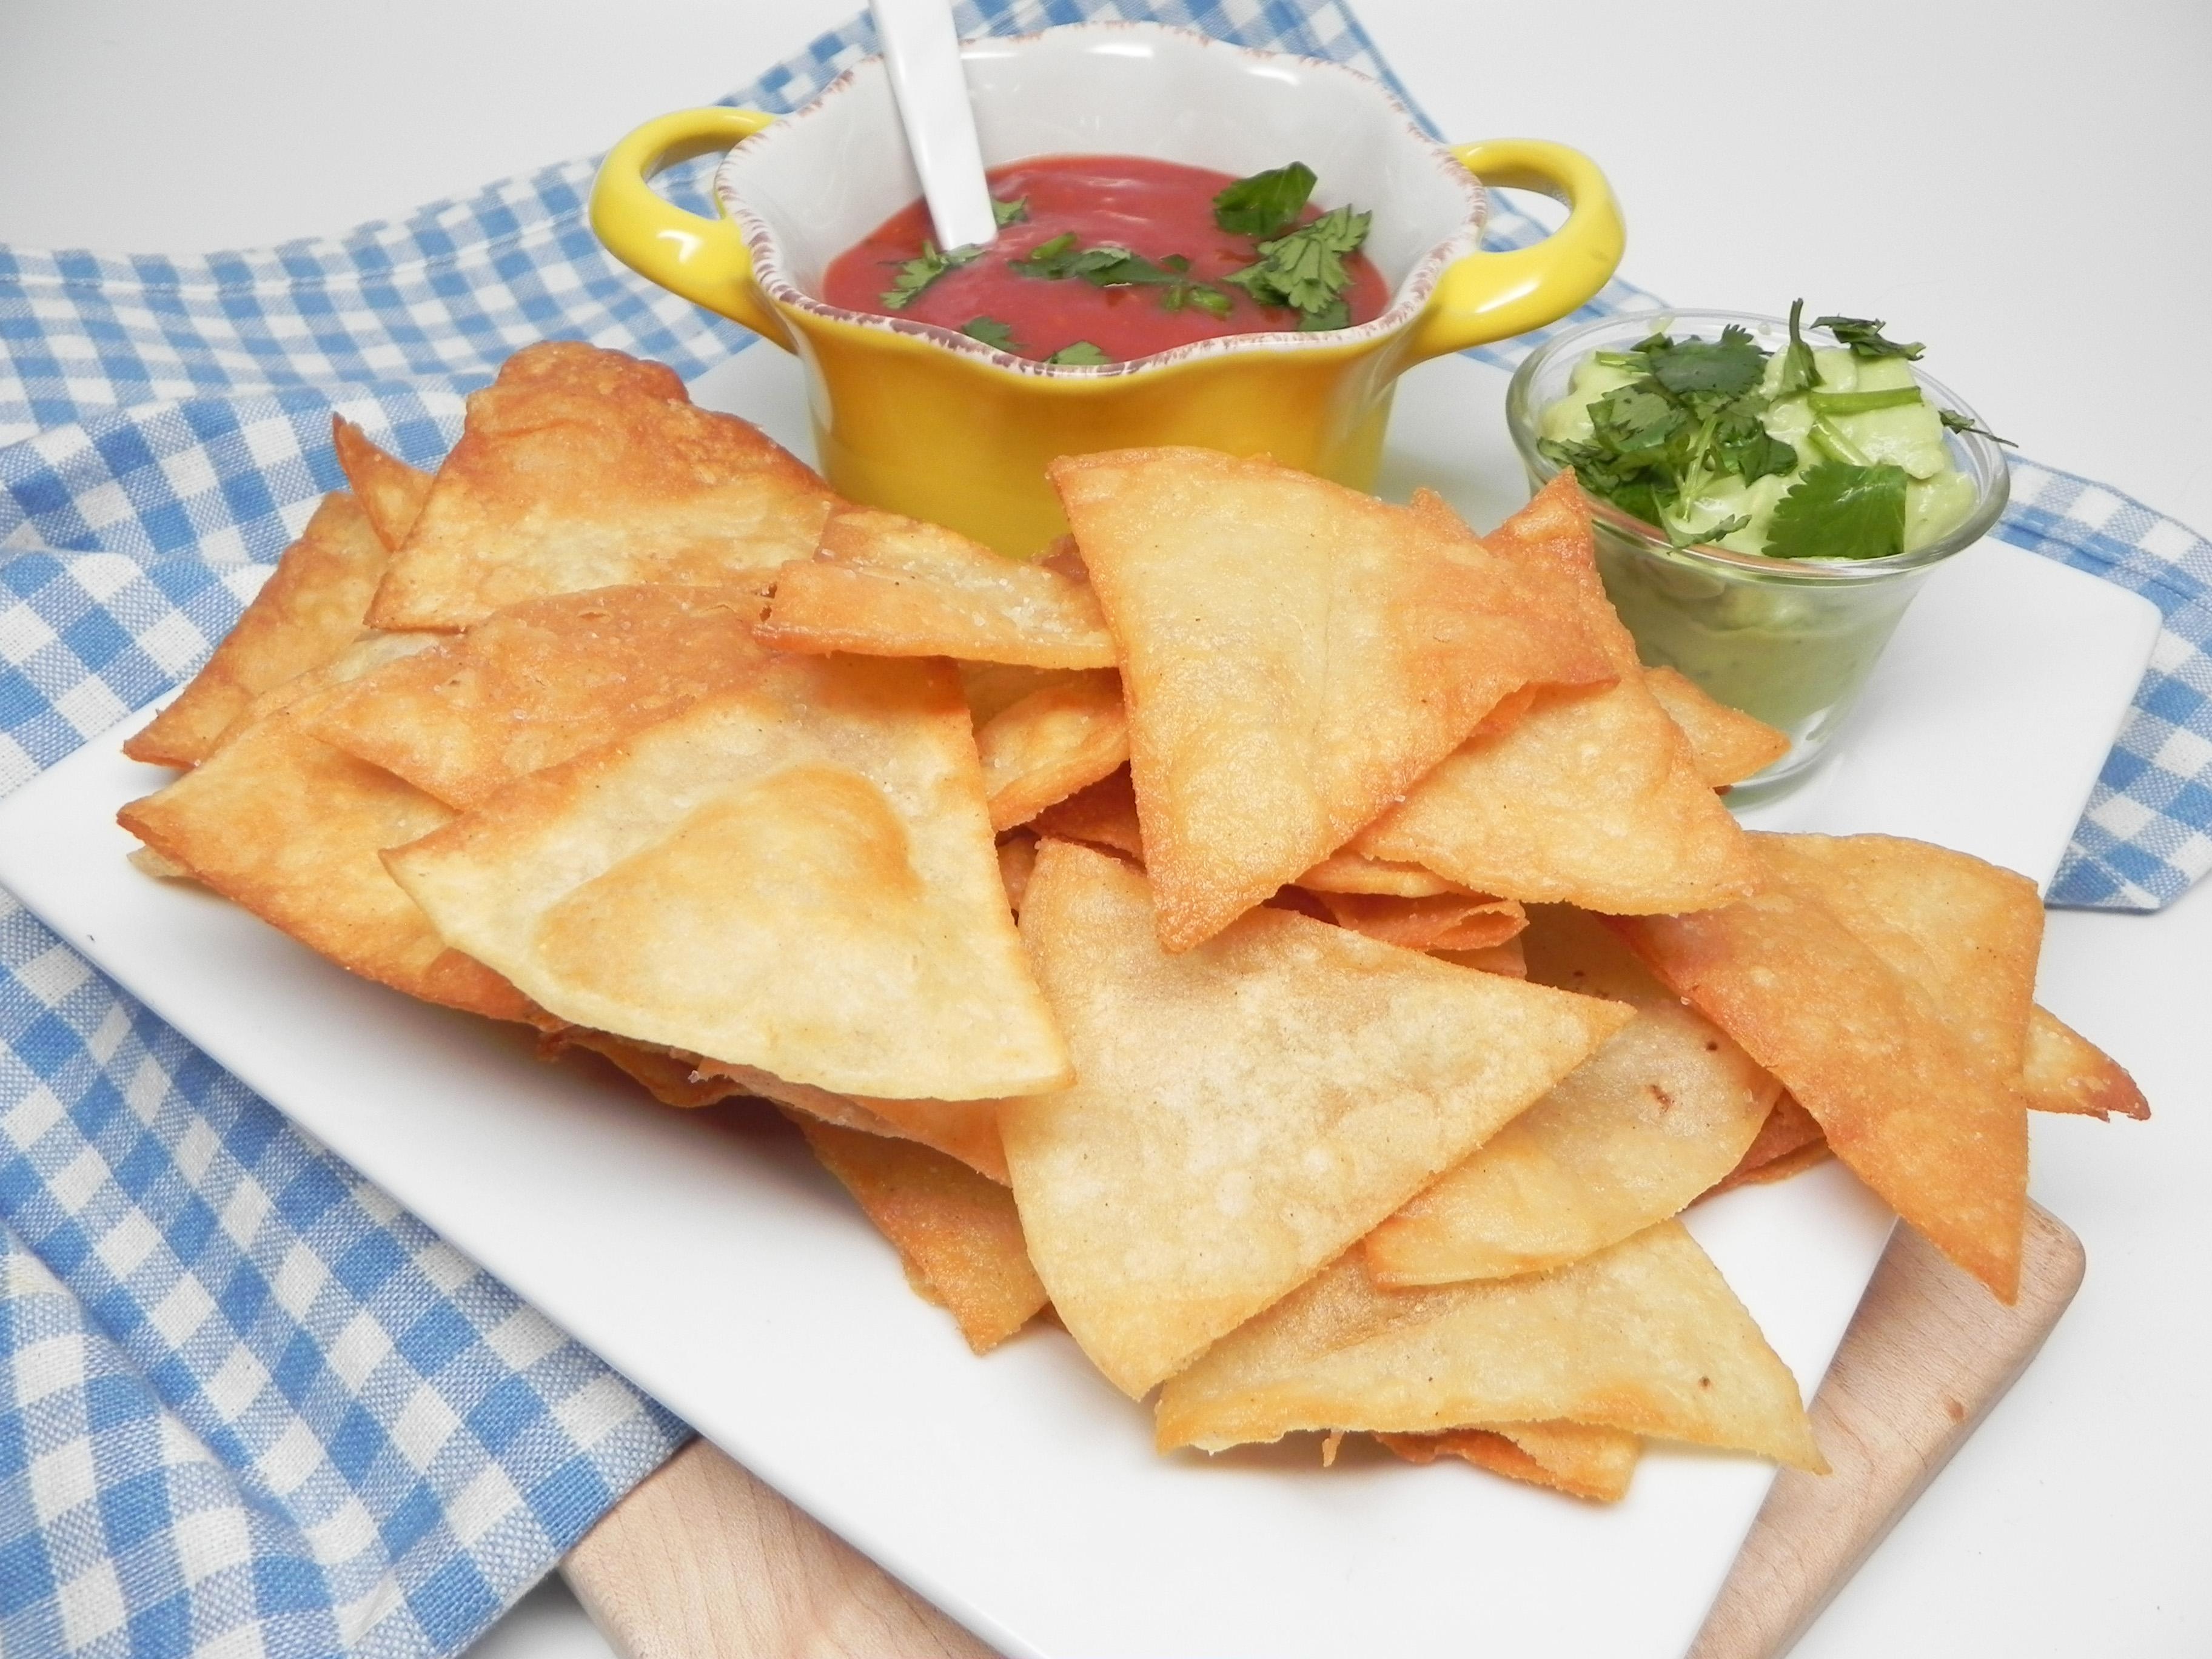 Homemade Deep-Fried Tortilla Chips